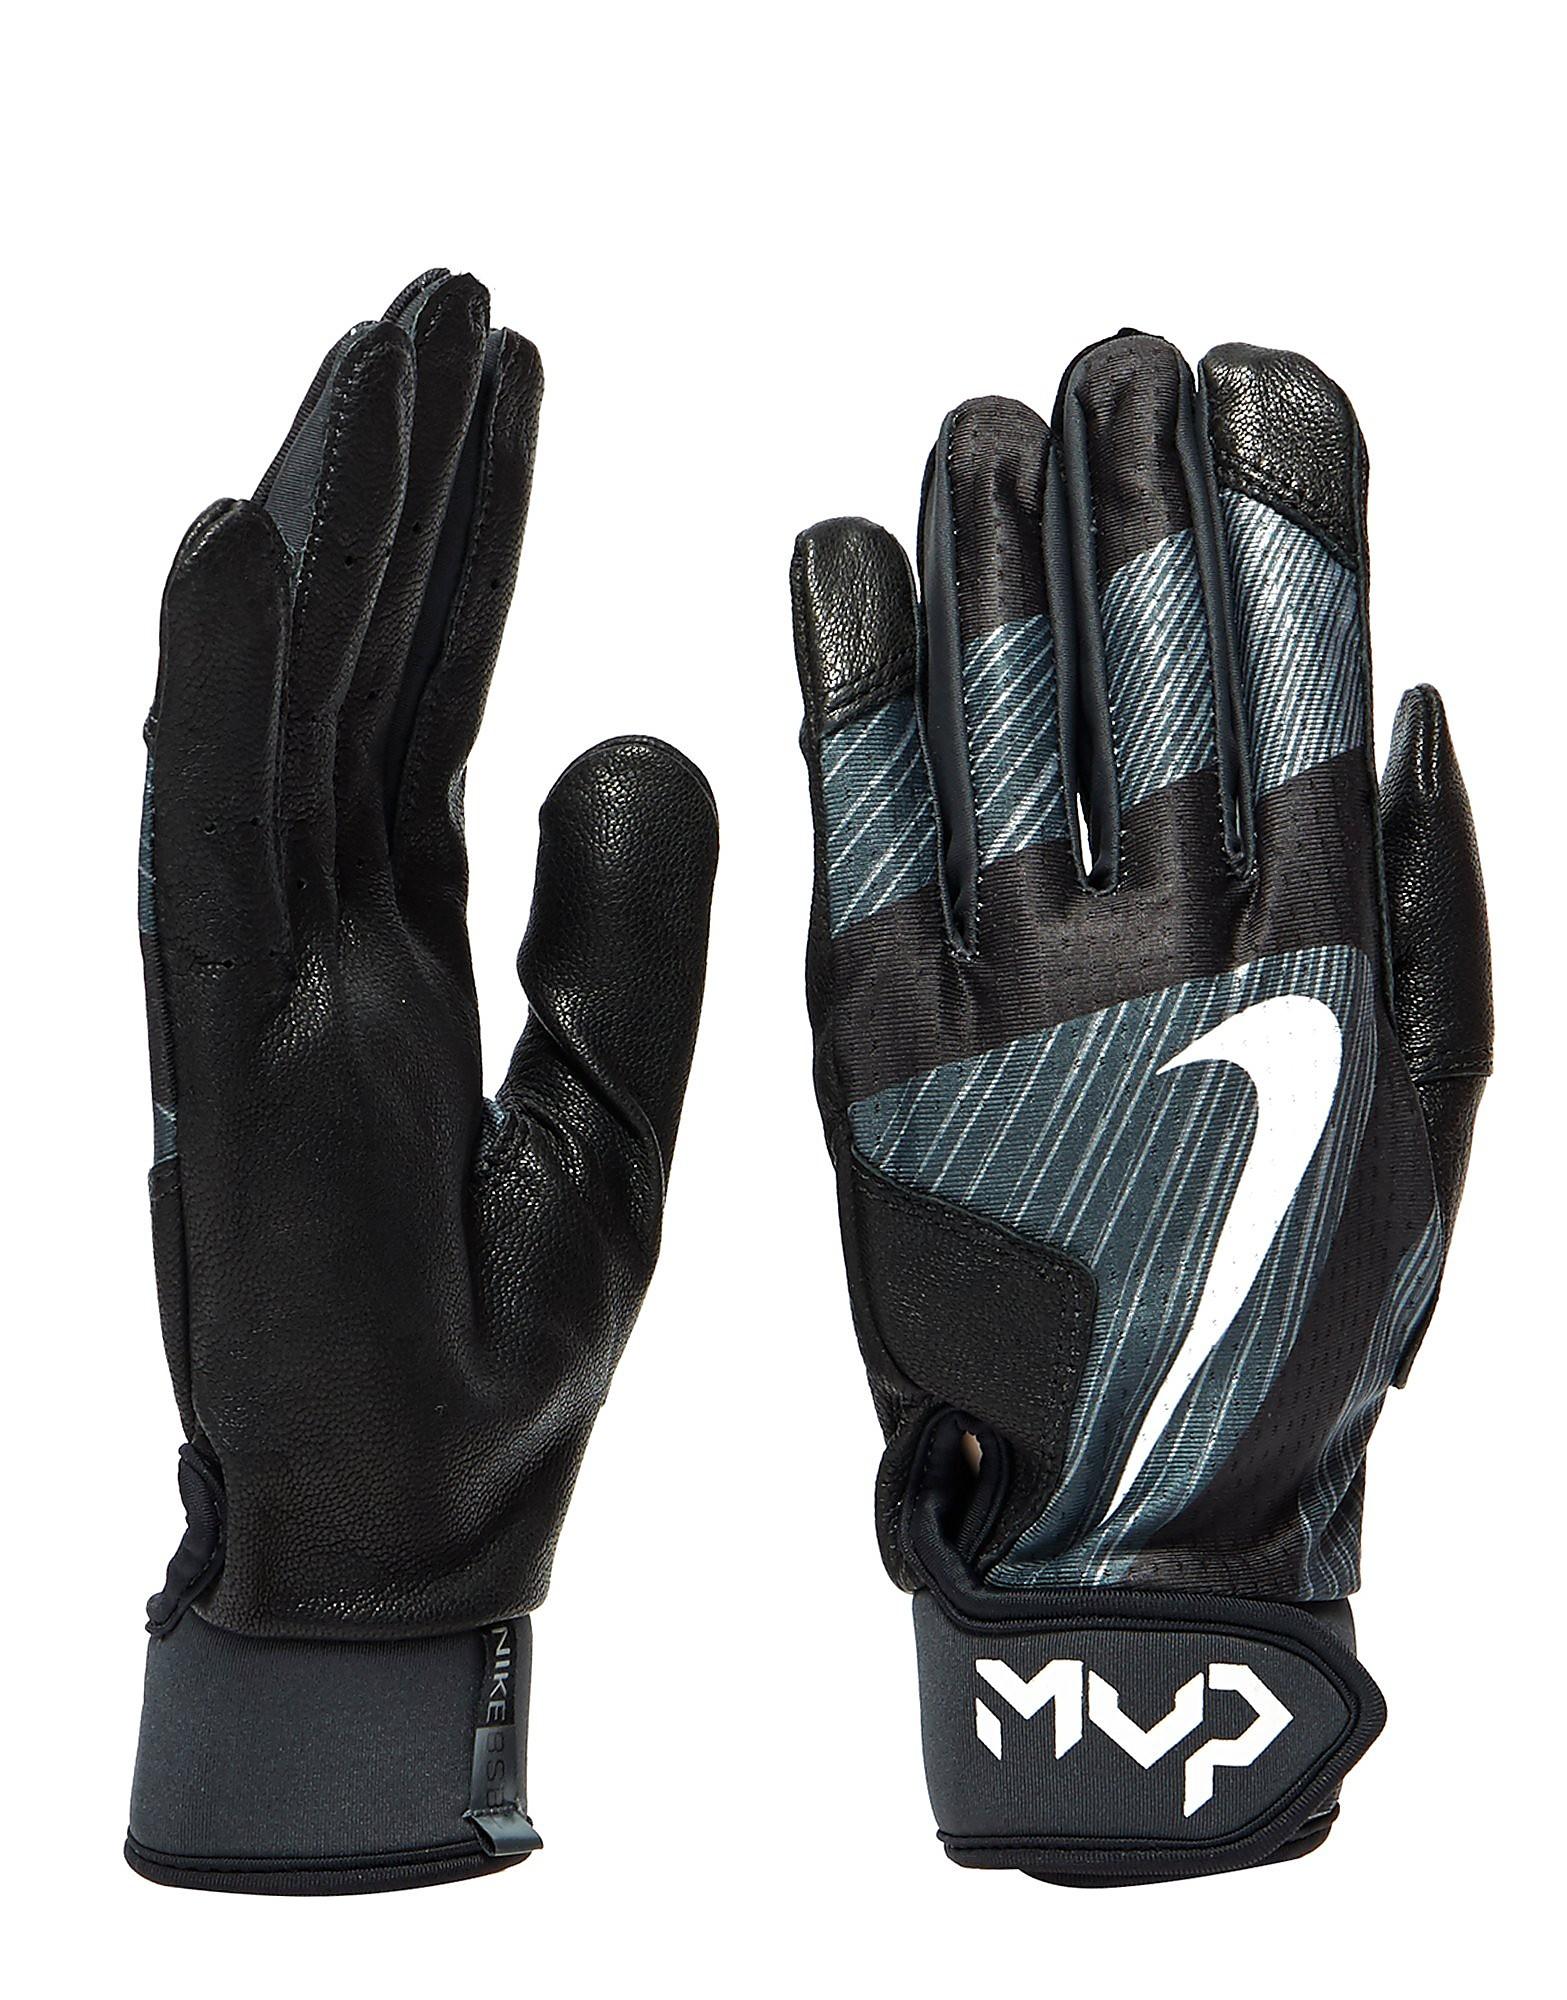 Nike MVP Edge handsker